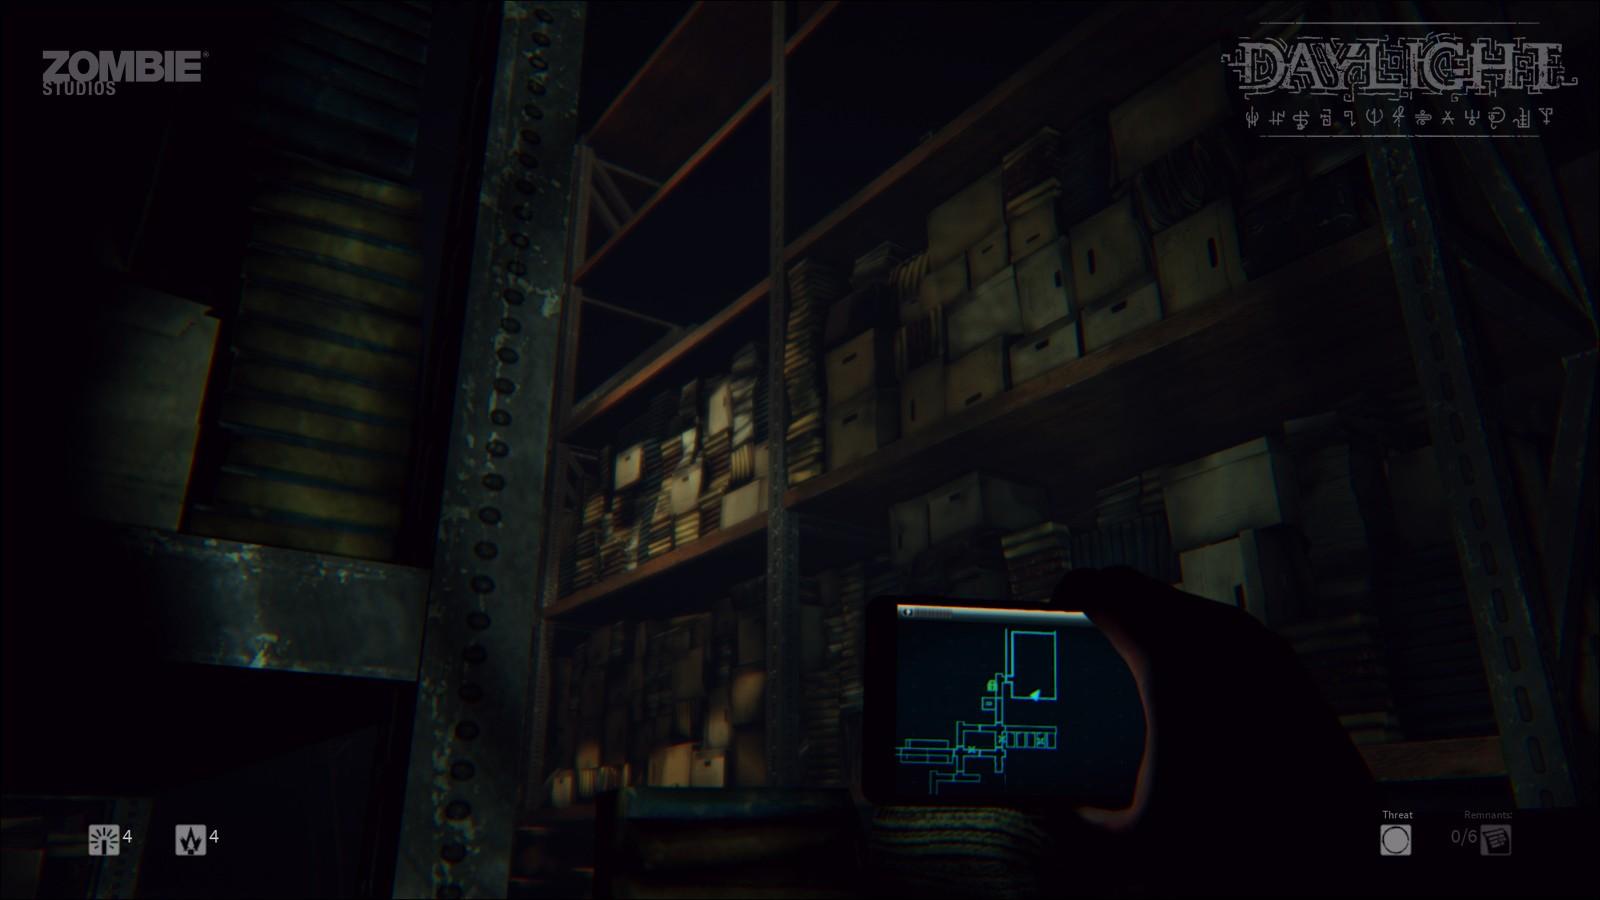 Daylight llegará a PS4 el día 8 de Abril 96n0